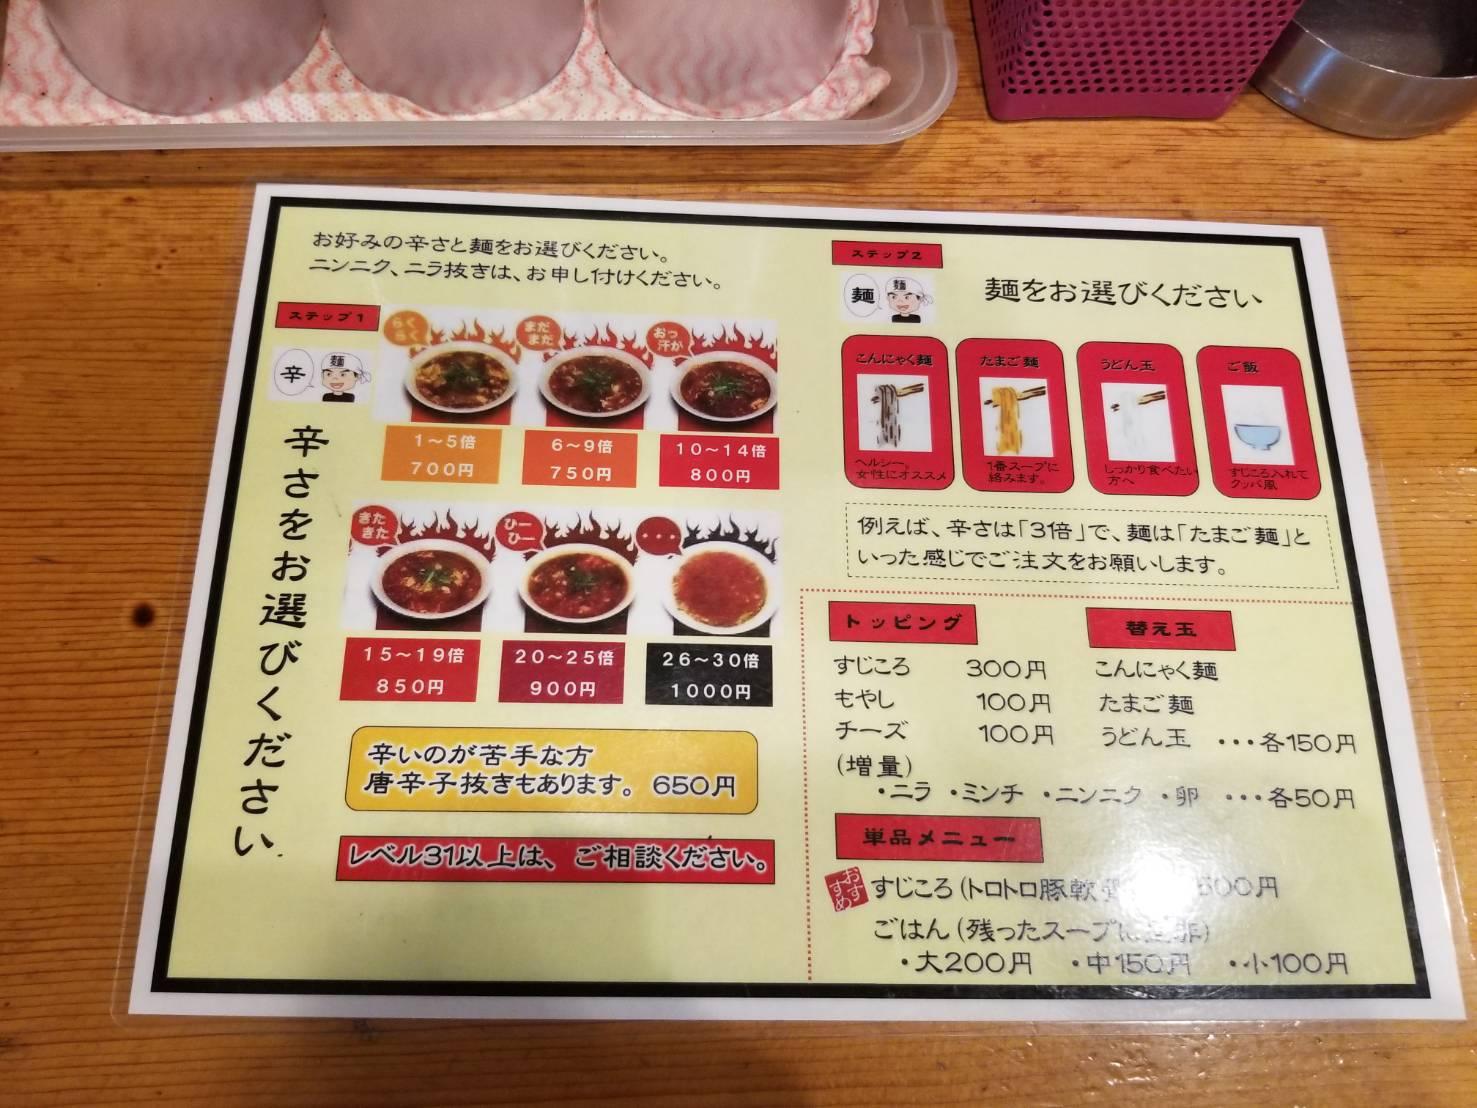 辛麺 日ノ丸メニュー表